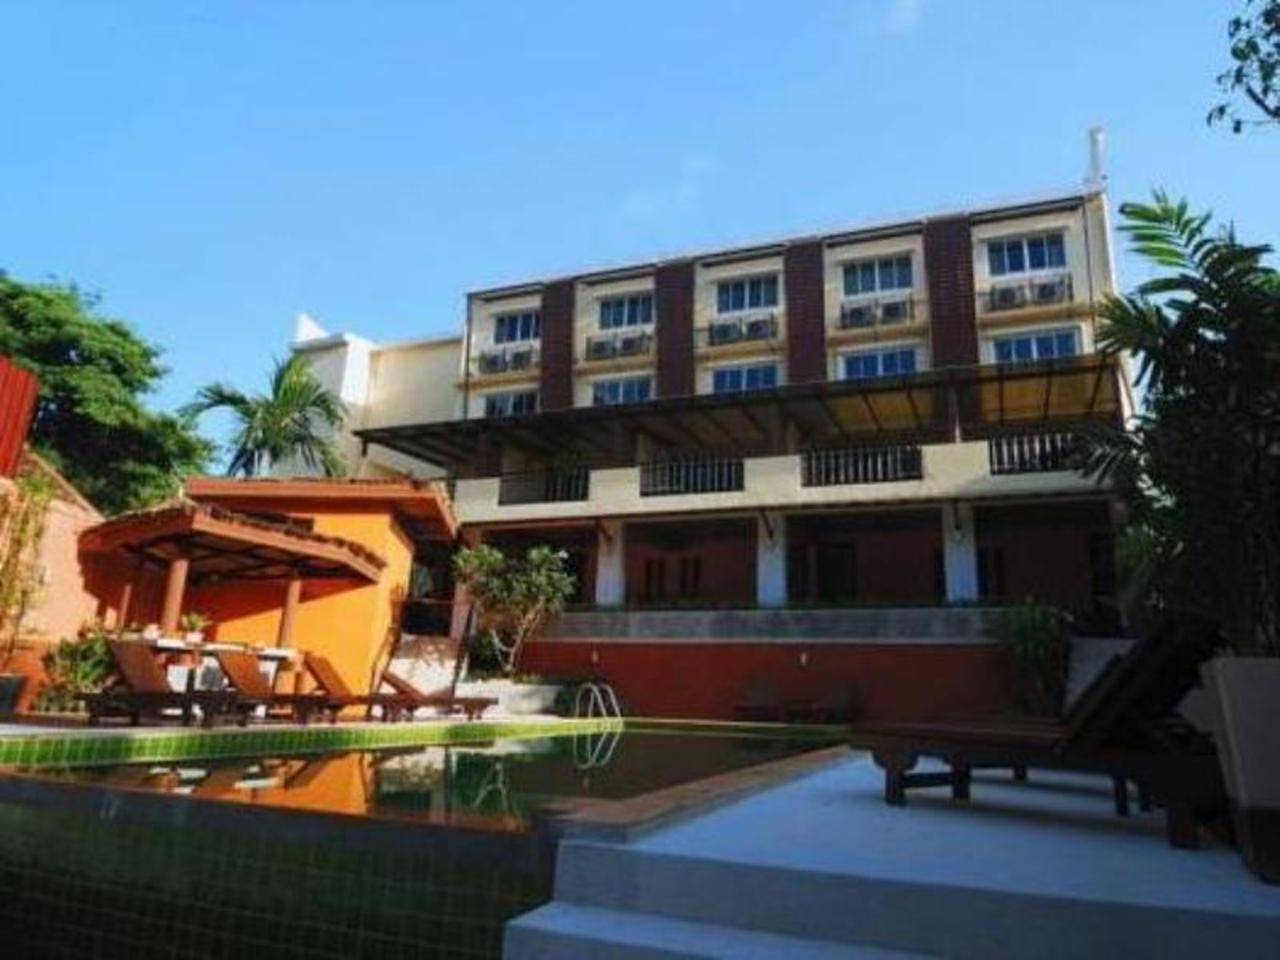 โรงแรมฮาลีวา ซันไชน์ (Haleeva Sunshine Hotel)